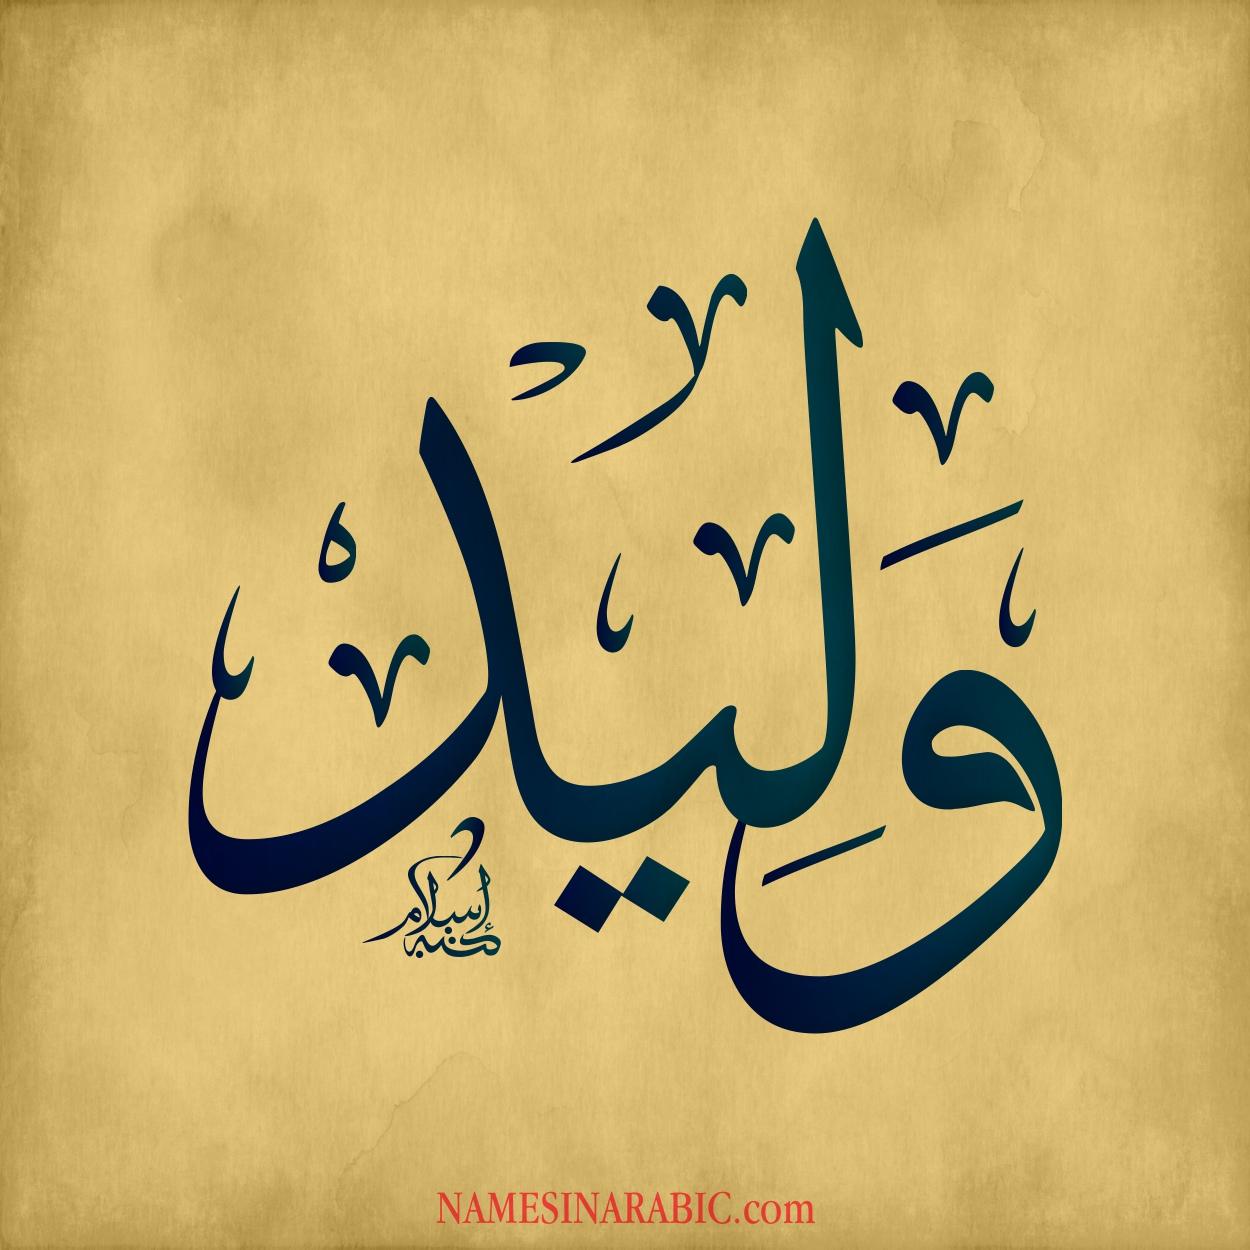 صورة اسم وليد Waleed اسم وليد بالخط العربي من موقع الأسماء بالخط العربي بريشة الفنان إسلام ابن الفضل